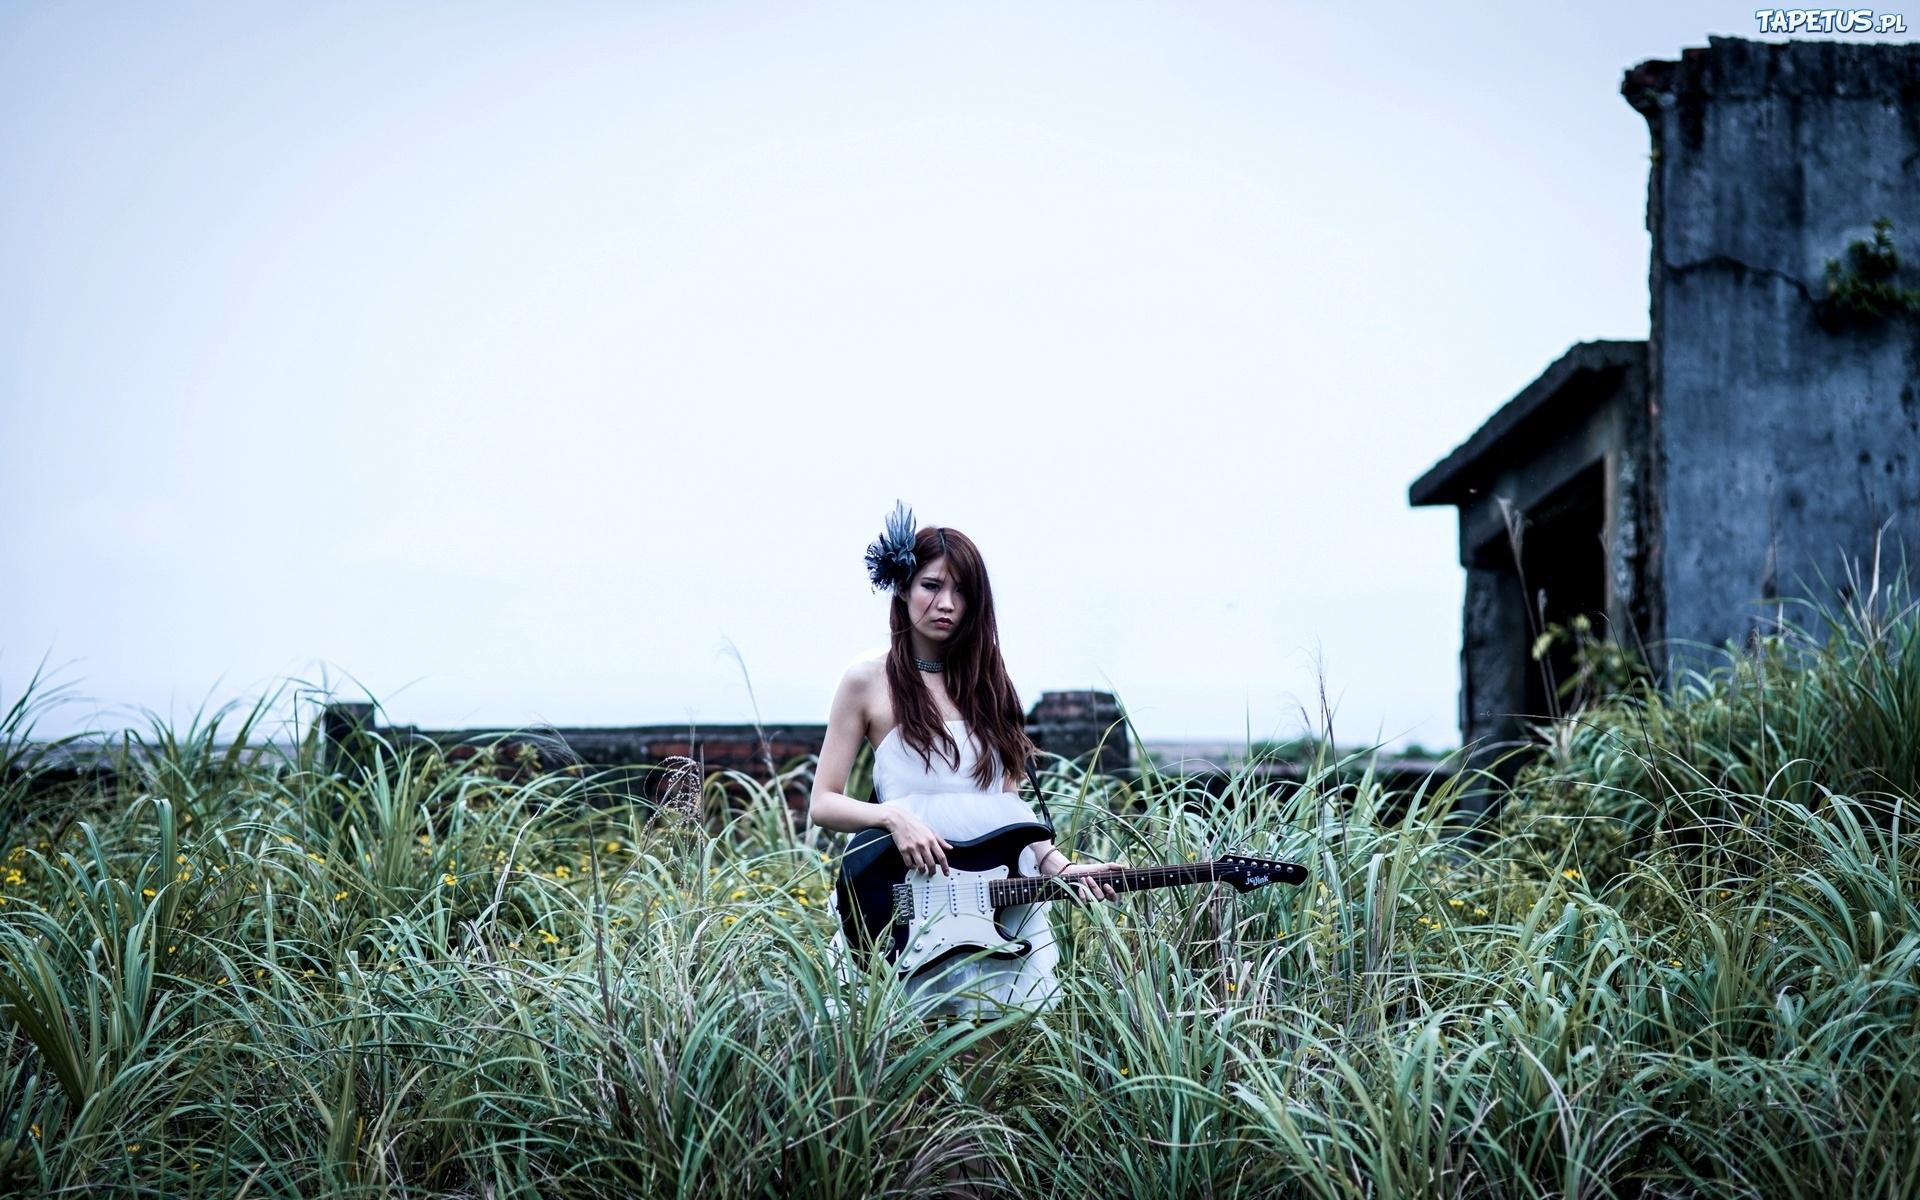 девушка с гитарой на площади скачать